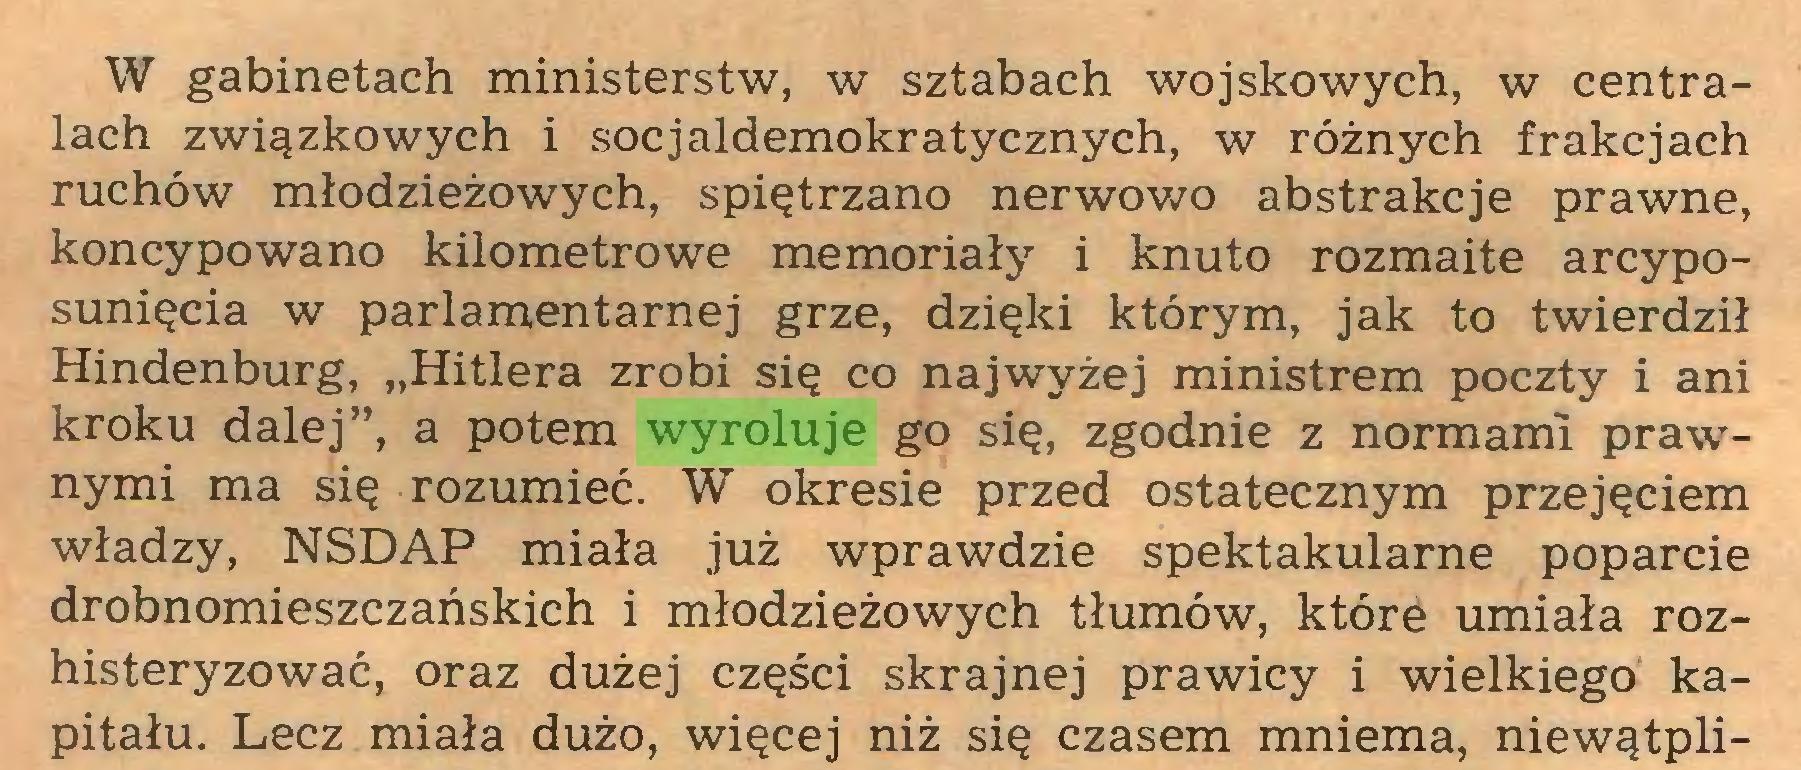 """(...) W gabinetach ministerstw, w sztabach wojskowych, w centralach związkowych i socjaldemokratycznych, w różnych frakcjach ruchów młodzieżowych, spiętrzano nerwowo abstrakcje prawne, koncypowano kilometrowe memoriały i knuto rozmaite arcyposunięcia w parlamentarnej grze, dzięki którym, jak to twierdził Hindenburg, """"Hitlera zrobi się co najwyżej ministrem poczty i ani kroku dalej"""", a potem wyroluje go się, zgodnie z normami prawnymi ma się rozumieć. W okresie przed ostatecznym przejęciem władzy, NSDAP miała już wprawdzie spektakularne poparcie drobnomieszczańskich i młodzieżowych tłumów, które umiała rozhisteryzować, oraz dużej części skrajnej prawicy i wielkiego kapitału. Lecz miała dużo, więcej niż się czasem mniema, niewątpli..."""